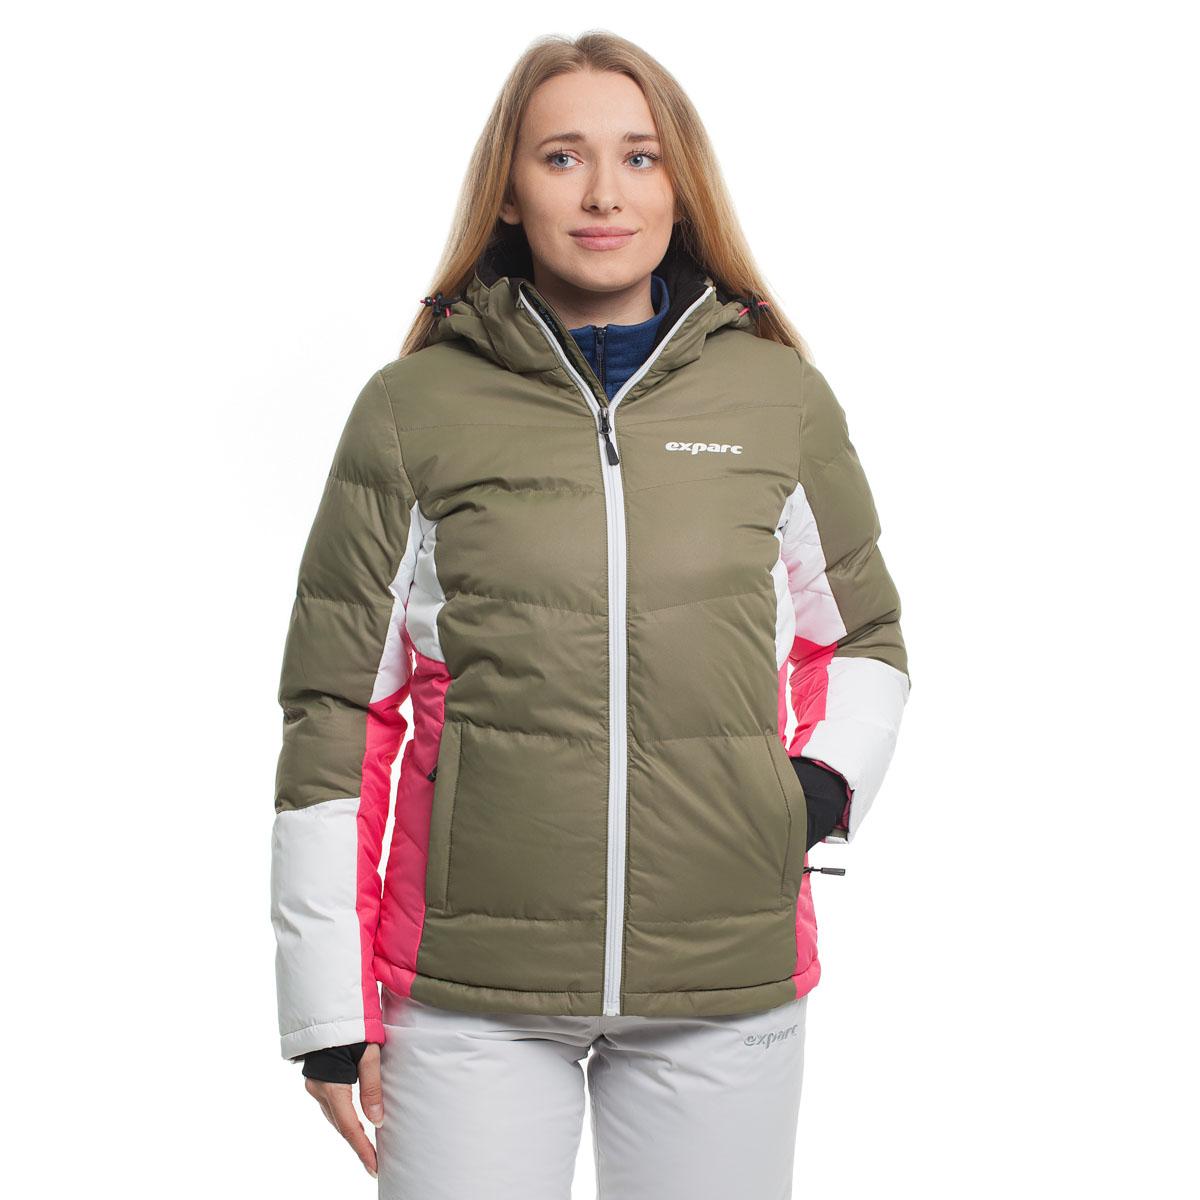 Куртка горнолыжная Exparc, DH21221